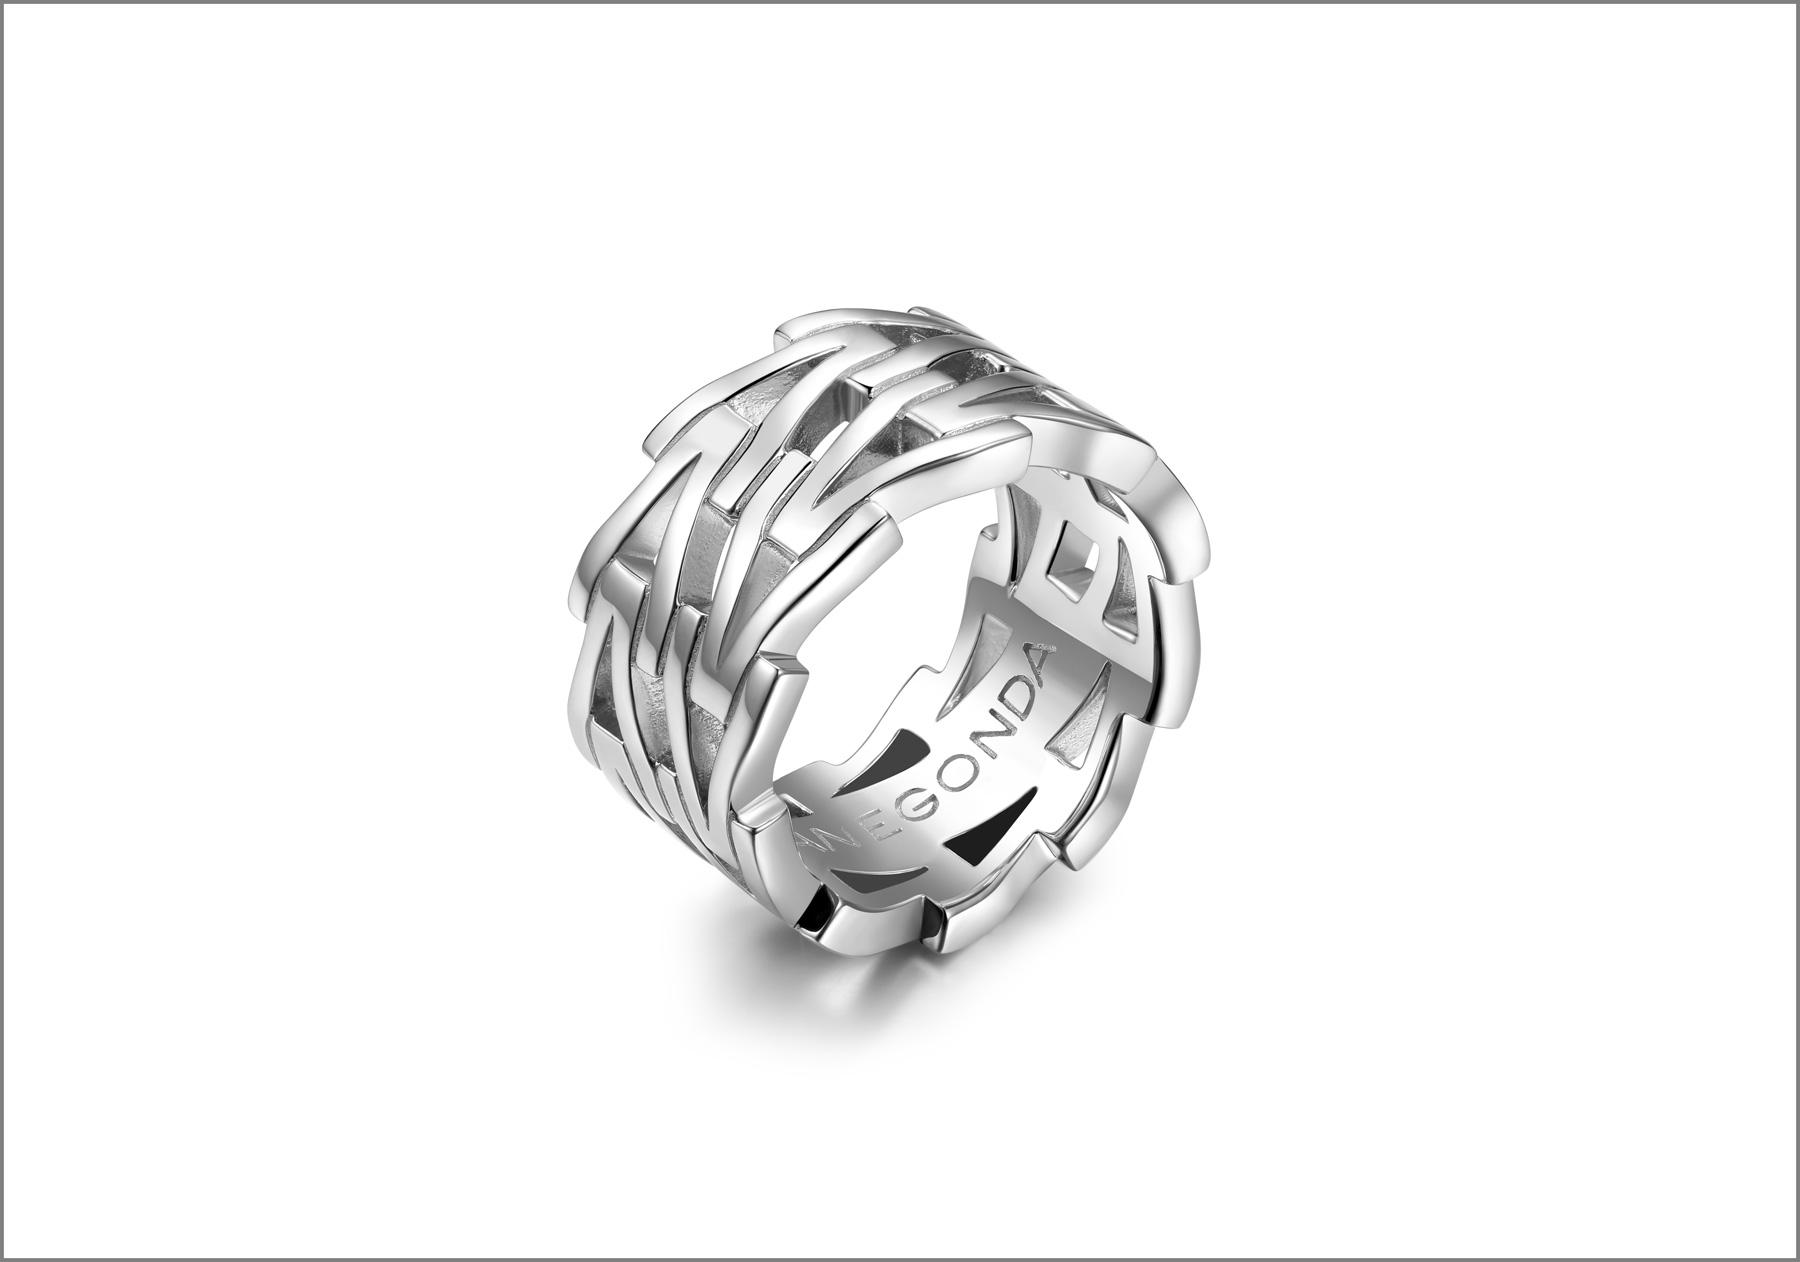 Anello in argento della collezione Tecum